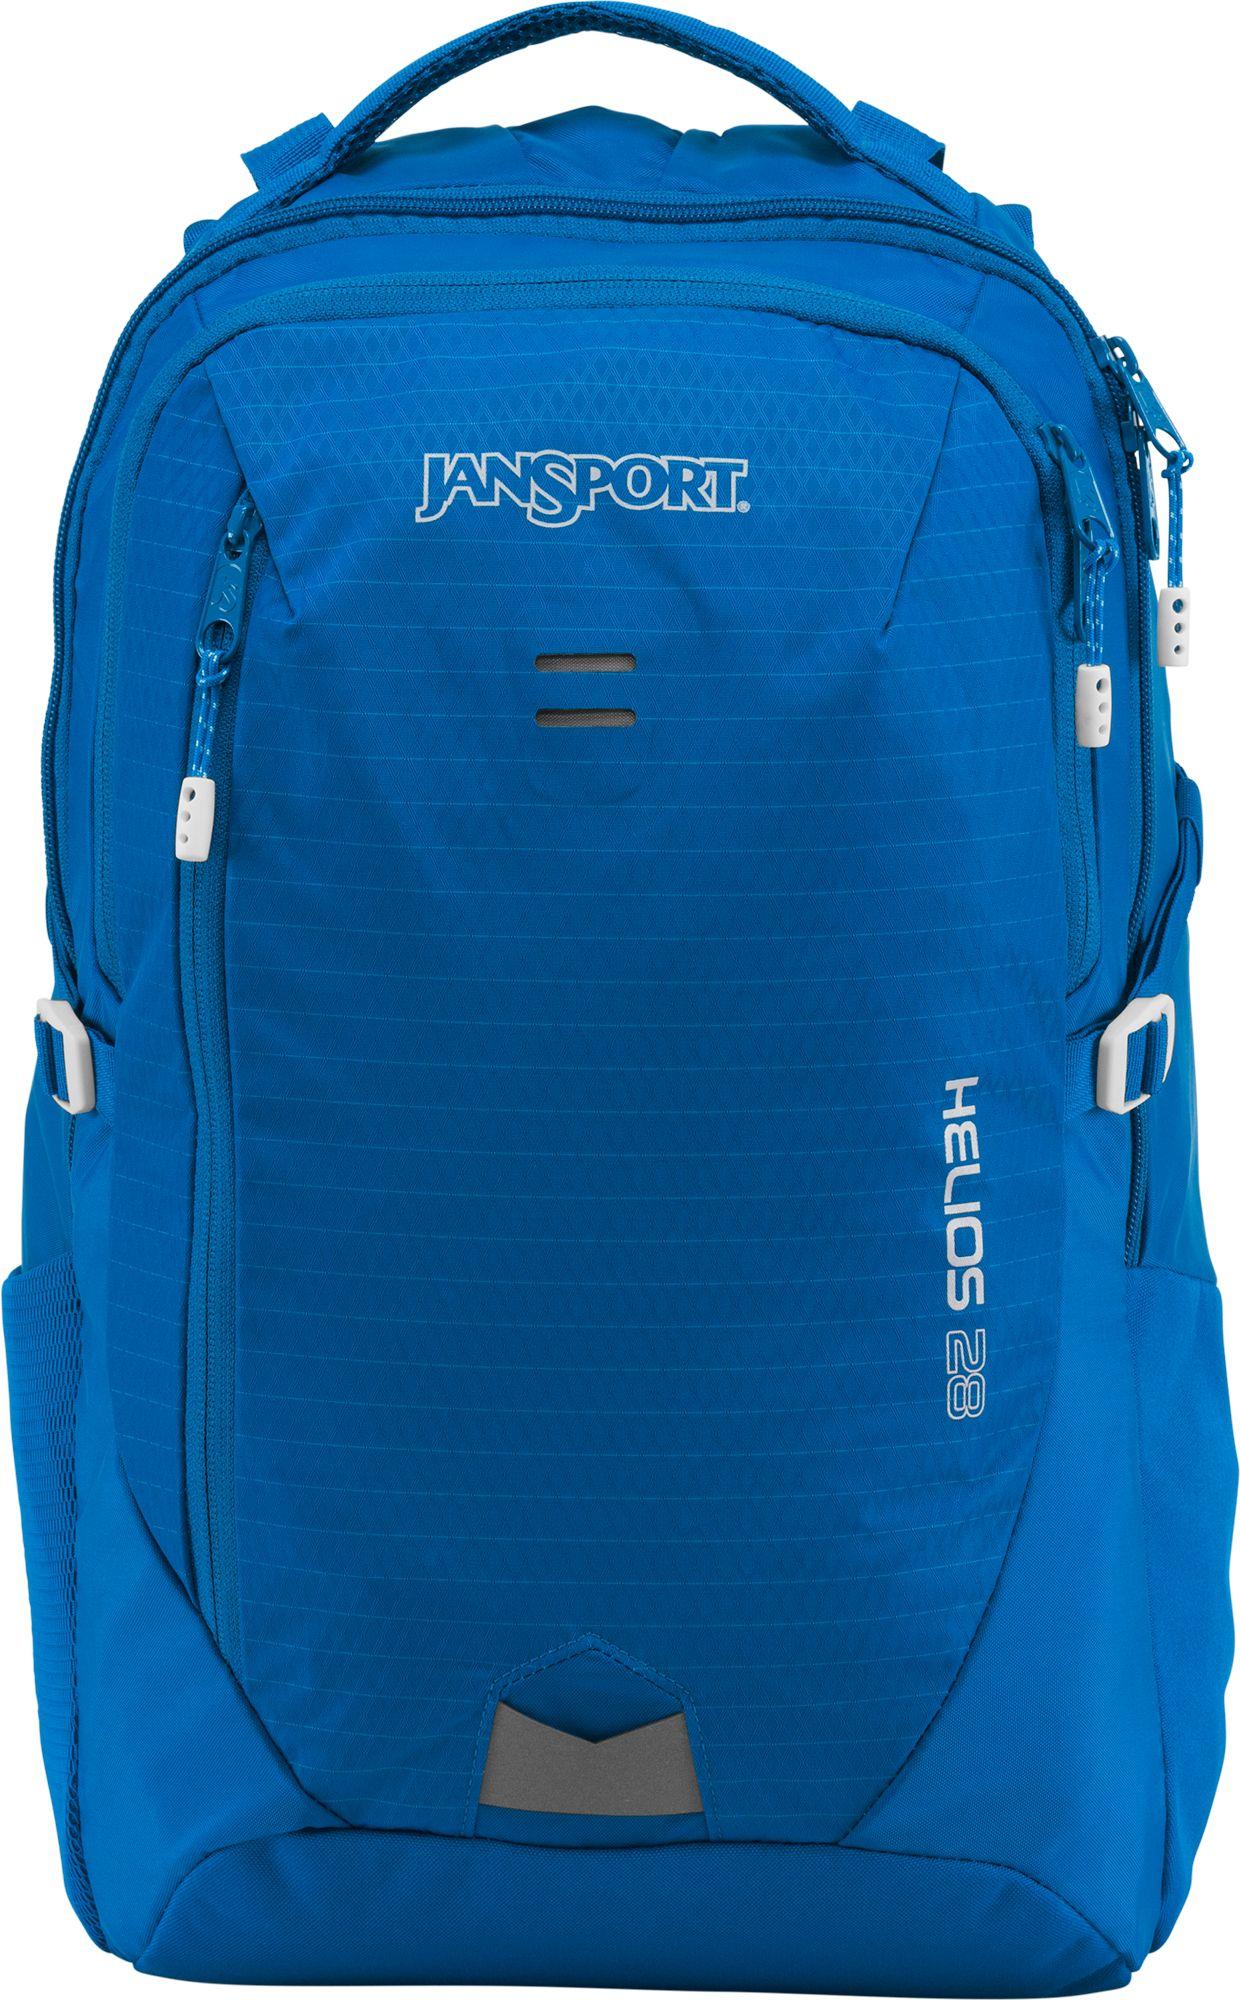 JanSport Backpacks & Bookbags | DICK'S Sporting Goods